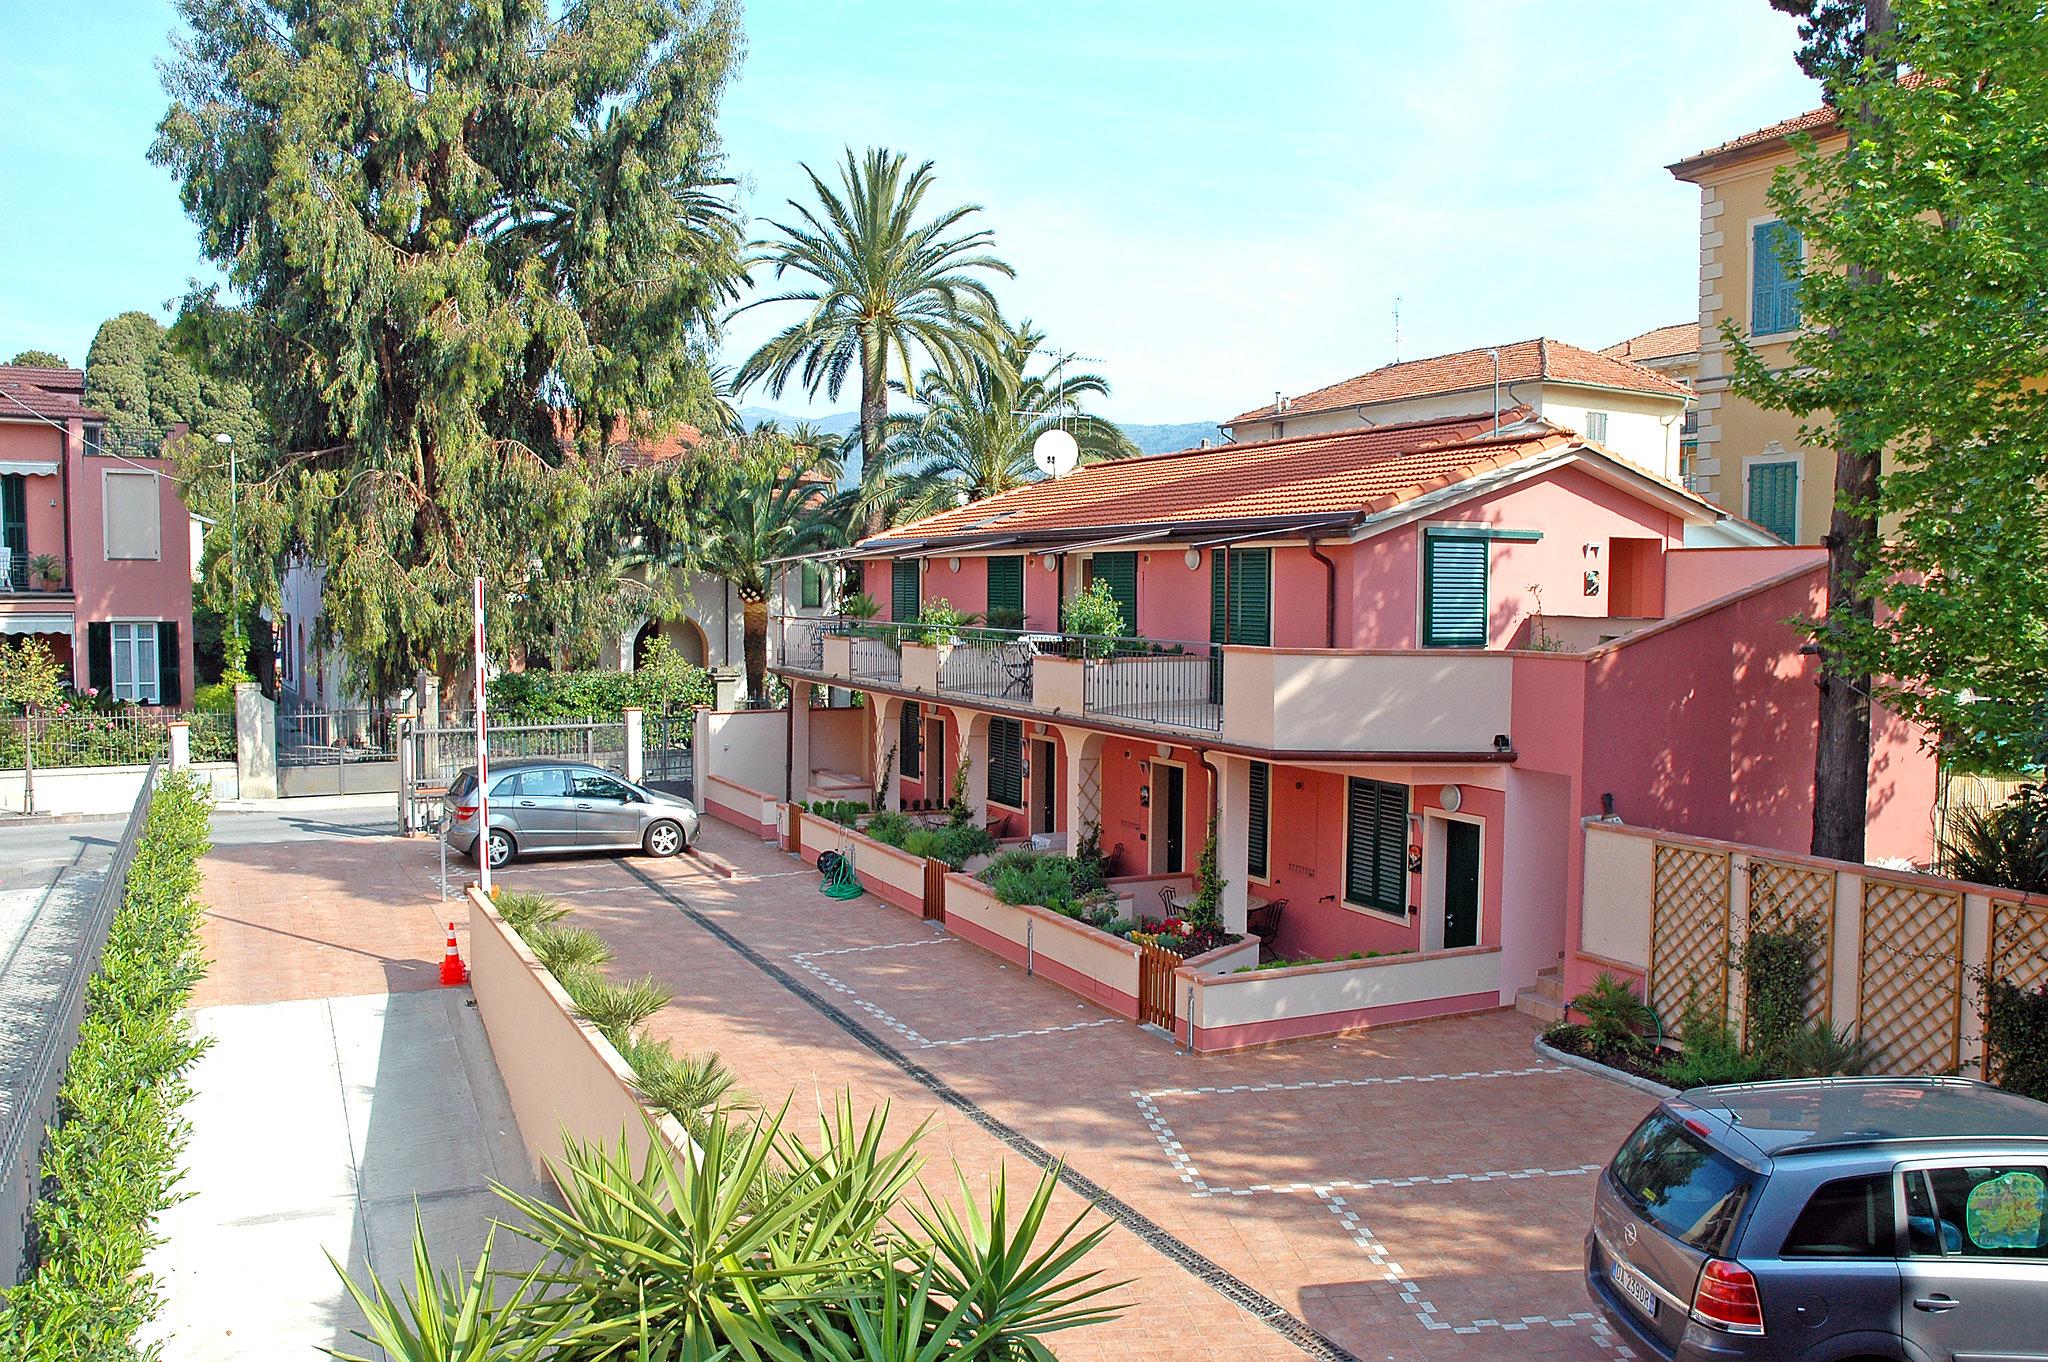 Appartamenti in affitto a Diano Marina sulla spiaggia con piscina